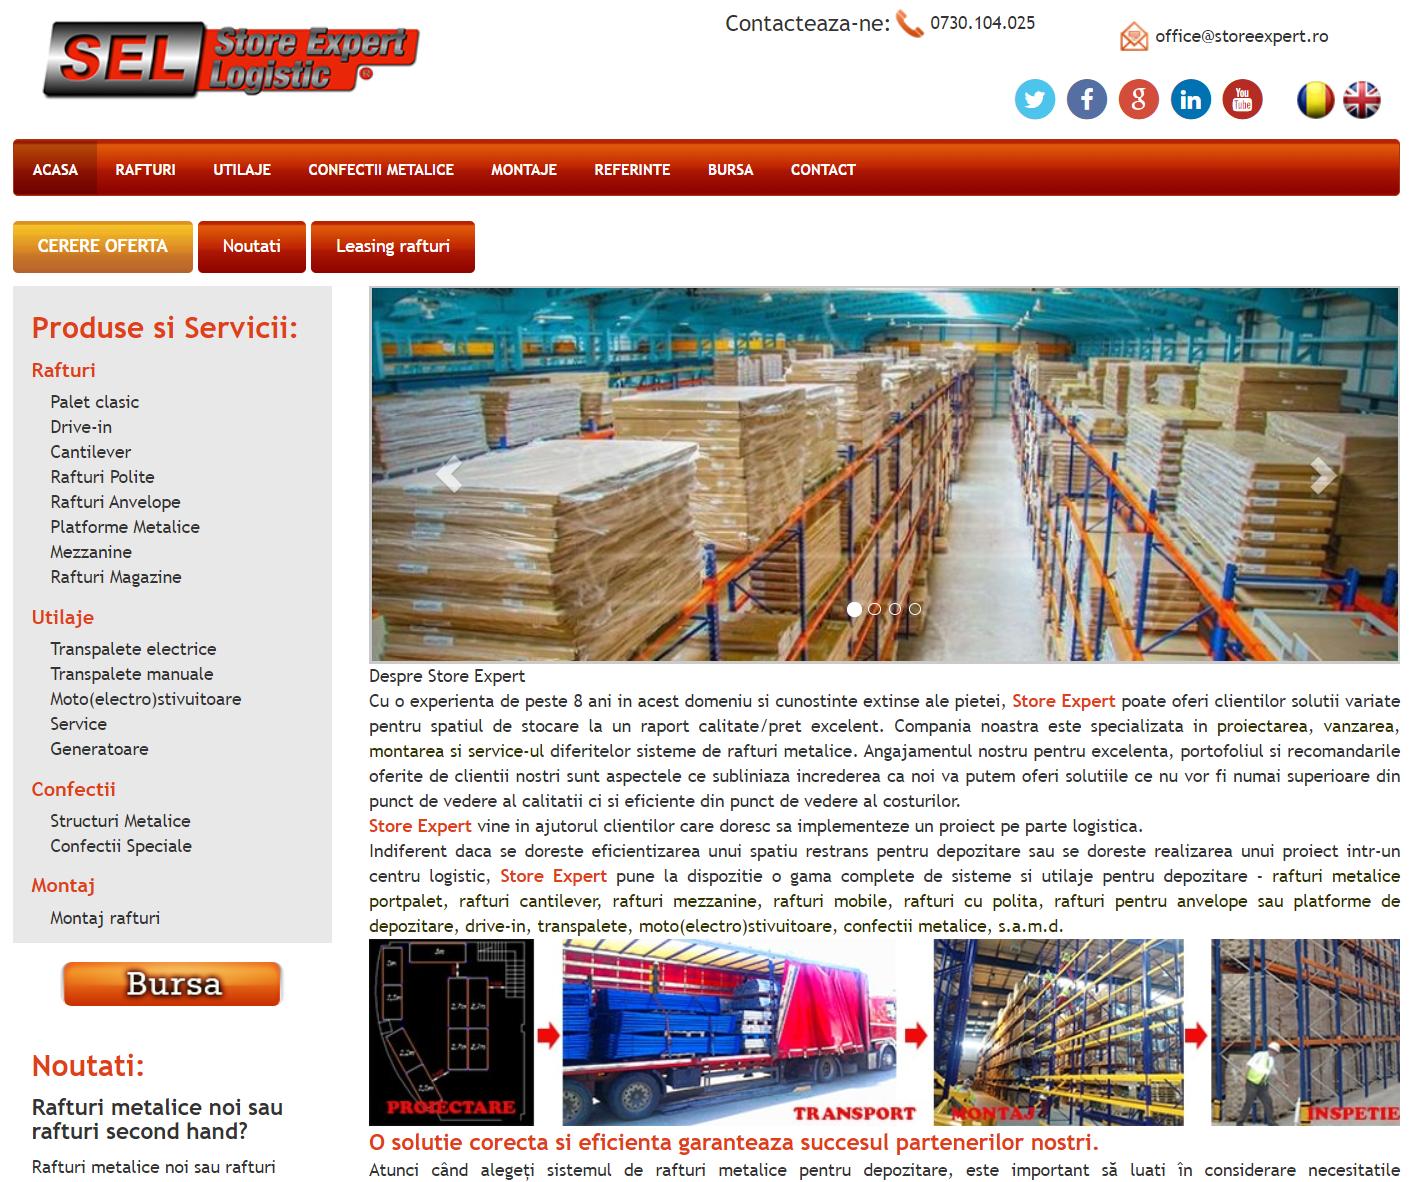 Cele mai bune solutii in materie de rafturi pentru depozite, vin de la StoreExpert.ro!